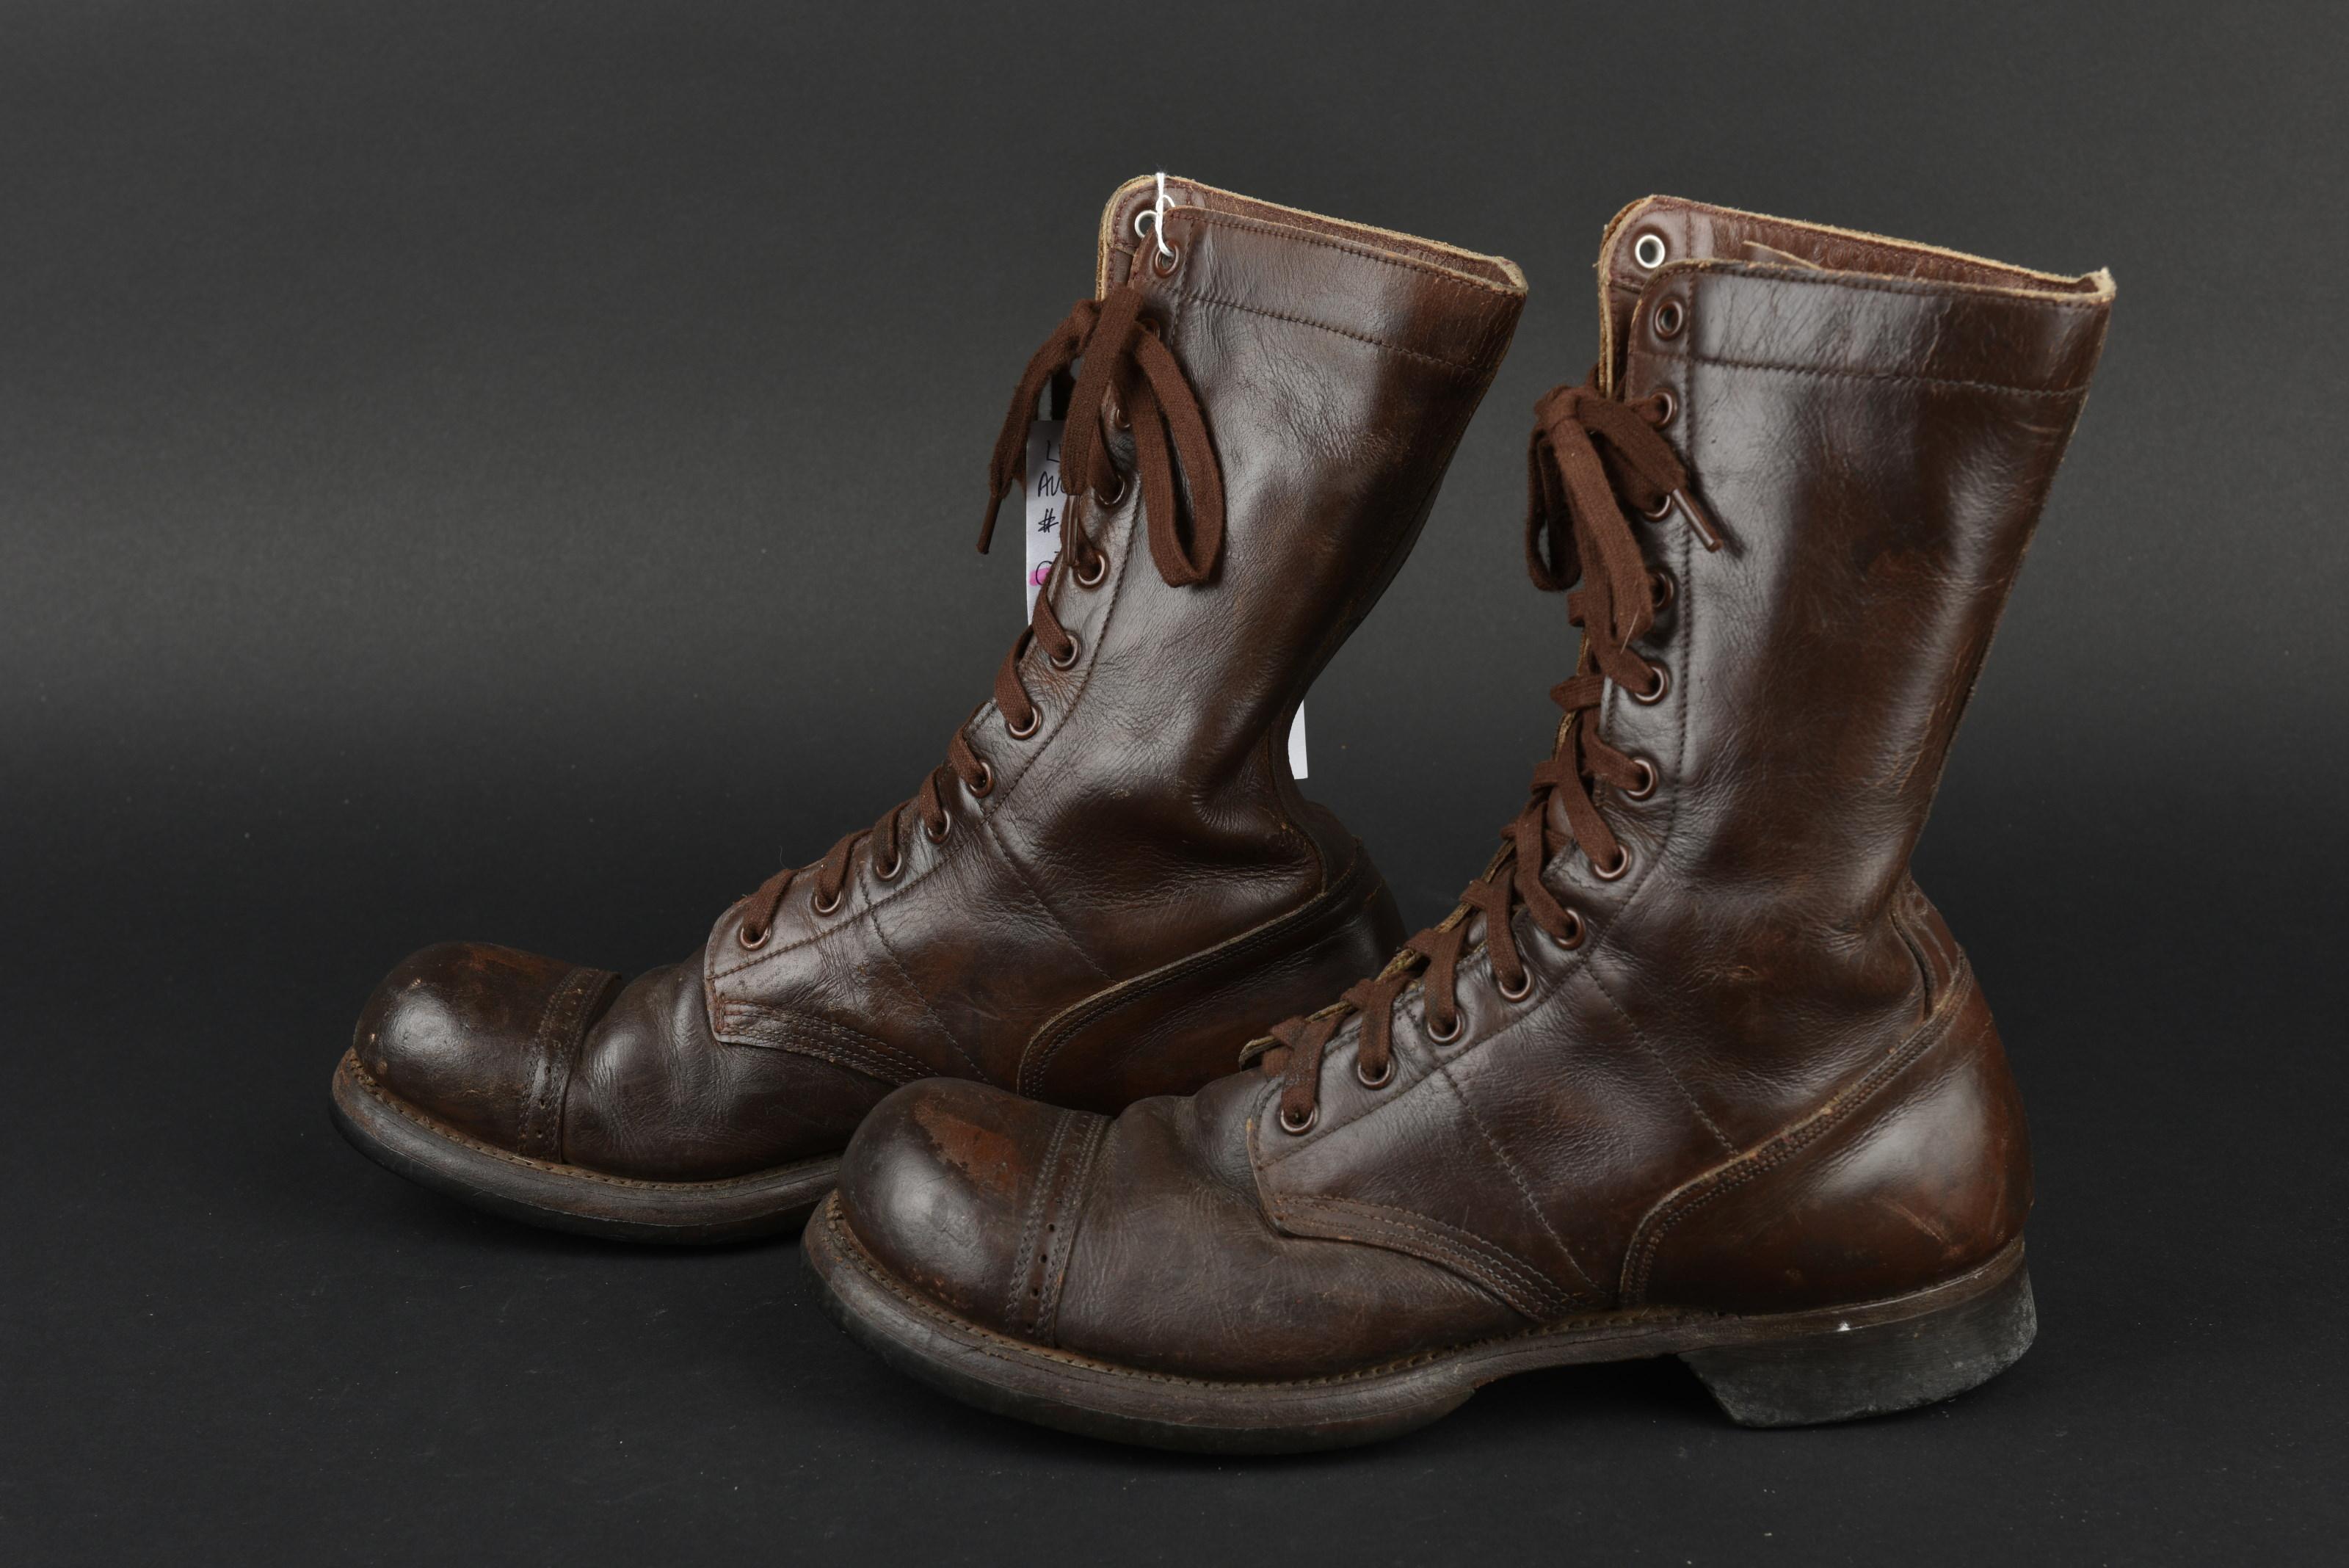 Bottes Bottes de partroop boots partroop de sautCorcoran Bottes partroop boots de sautCorcoran sautCorcoran QrtshCd